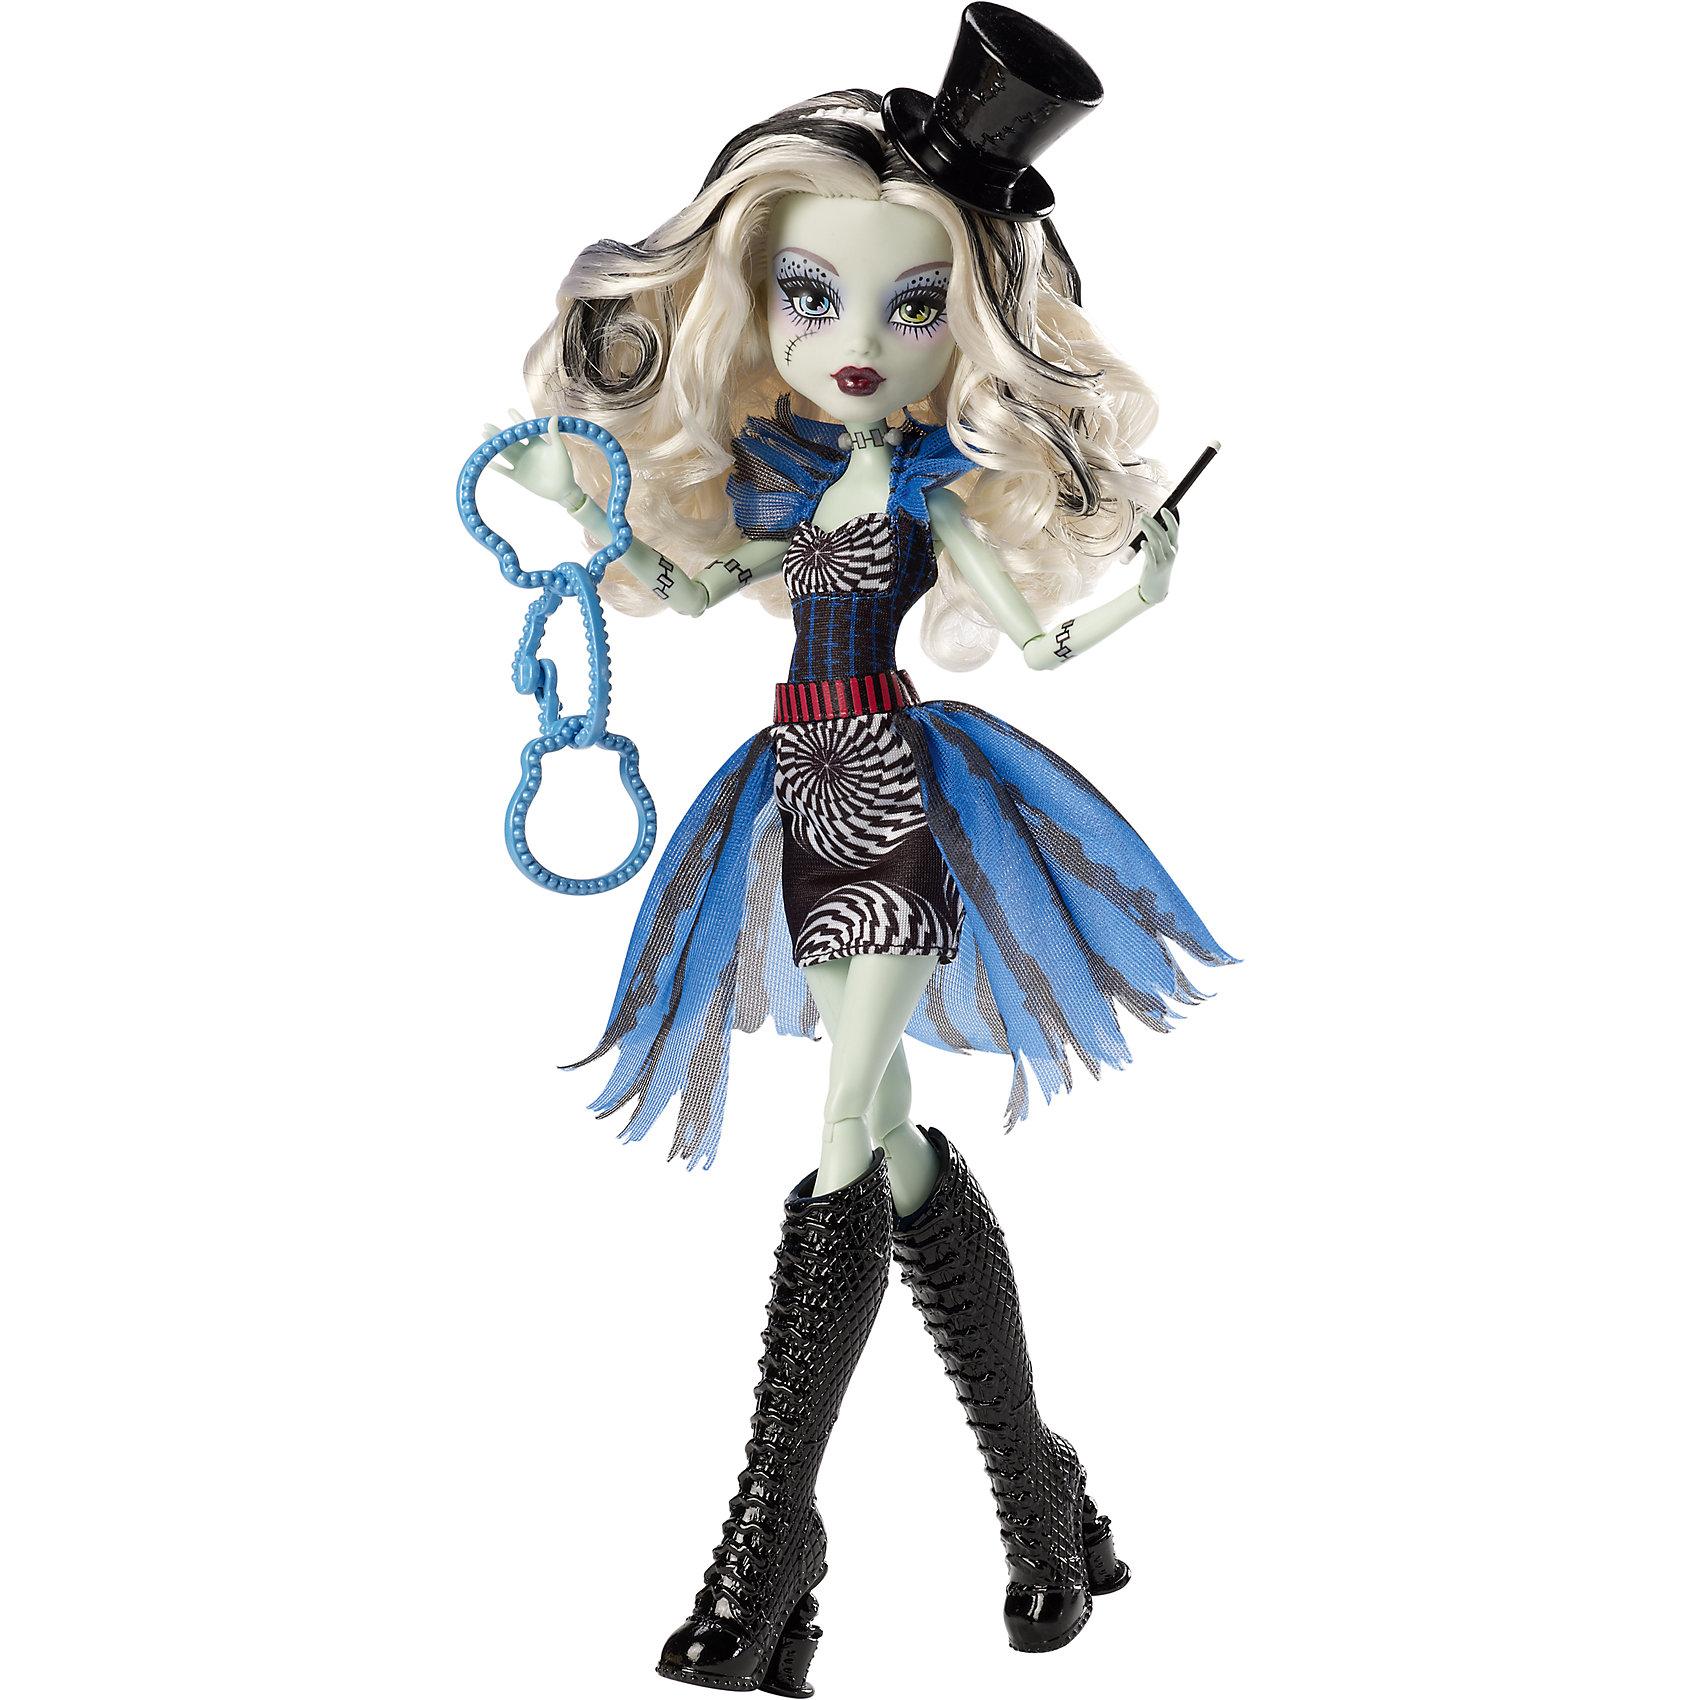 Кукла Фрэнки Штейн Шапито, Monster HighУченики школы Monster High (Монстр Хай) знают, как представить свои жуткие недостатки в наилучшем виде. Невероятный танец Фрик дю Шик станет для наших монстров лекарством от всех невзгод. Монстрики готовы блеснуть в свете прожекторов, примерив на себя амплуа цирковых артистов. Фрэнки Штейн покоряет публику, демонстрируя фокусы с цилиндром, из которого вместо кролика появляется ее рука. Она одета в обтягивающее платье с коротким голубым шлейфом и стильные высокие сапоги. Умопомрачительный образ для самой безумной вечеринки! <br><br>Дополнительная информация:<br><br>- Высота куклы: 27 см.<br>- Голова, ноги, руки подвижные (шарнирные).<br>- Комплектация: кукла, одежда, расческа, подставка, дневник. <br>- Материал: пластик, текстиль.<br><br>Куклу Фрэнки Штейн Шапито, Monster High (Школа монстров), можно купить в нашем магазине.<br><br>Ширина мм: 323<br>Глубина мм: 205<br>Высота мм: 66<br>Вес г: 306<br>Возраст от месяцев: 72<br>Возраст до месяцев: 120<br>Пол: Женский<br>Возраст: Детский<br>SKU: 4132325